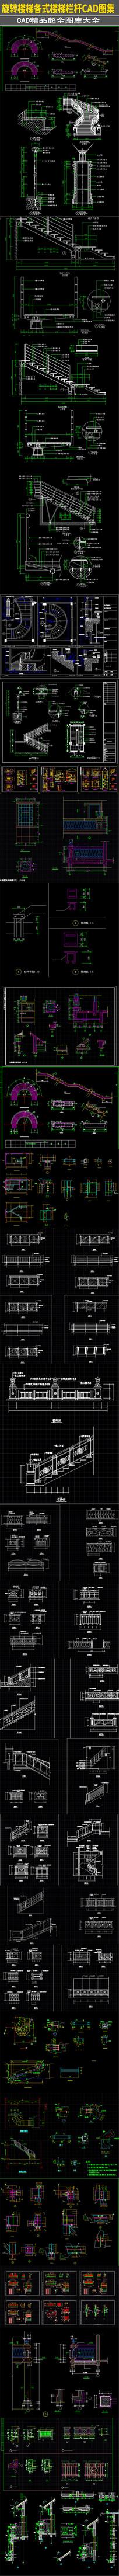 旋转楼梯各式楼梯栏杆CAD图集 dwg